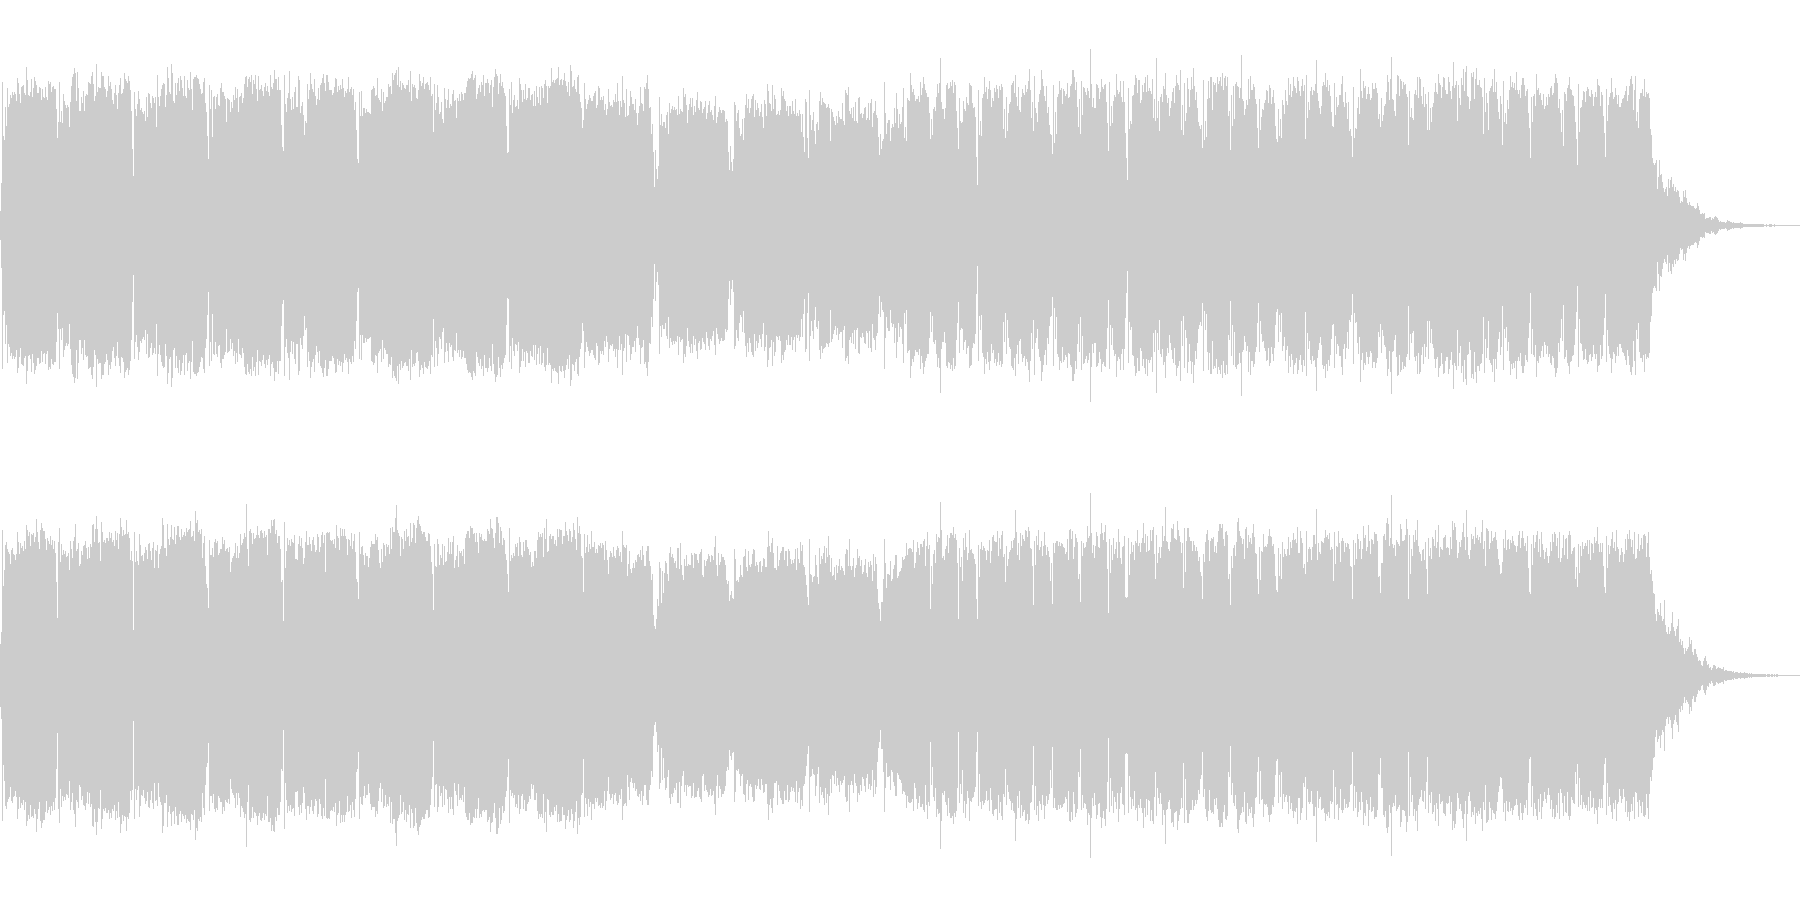 シンセによる元気の出る一曲の未再生の波形